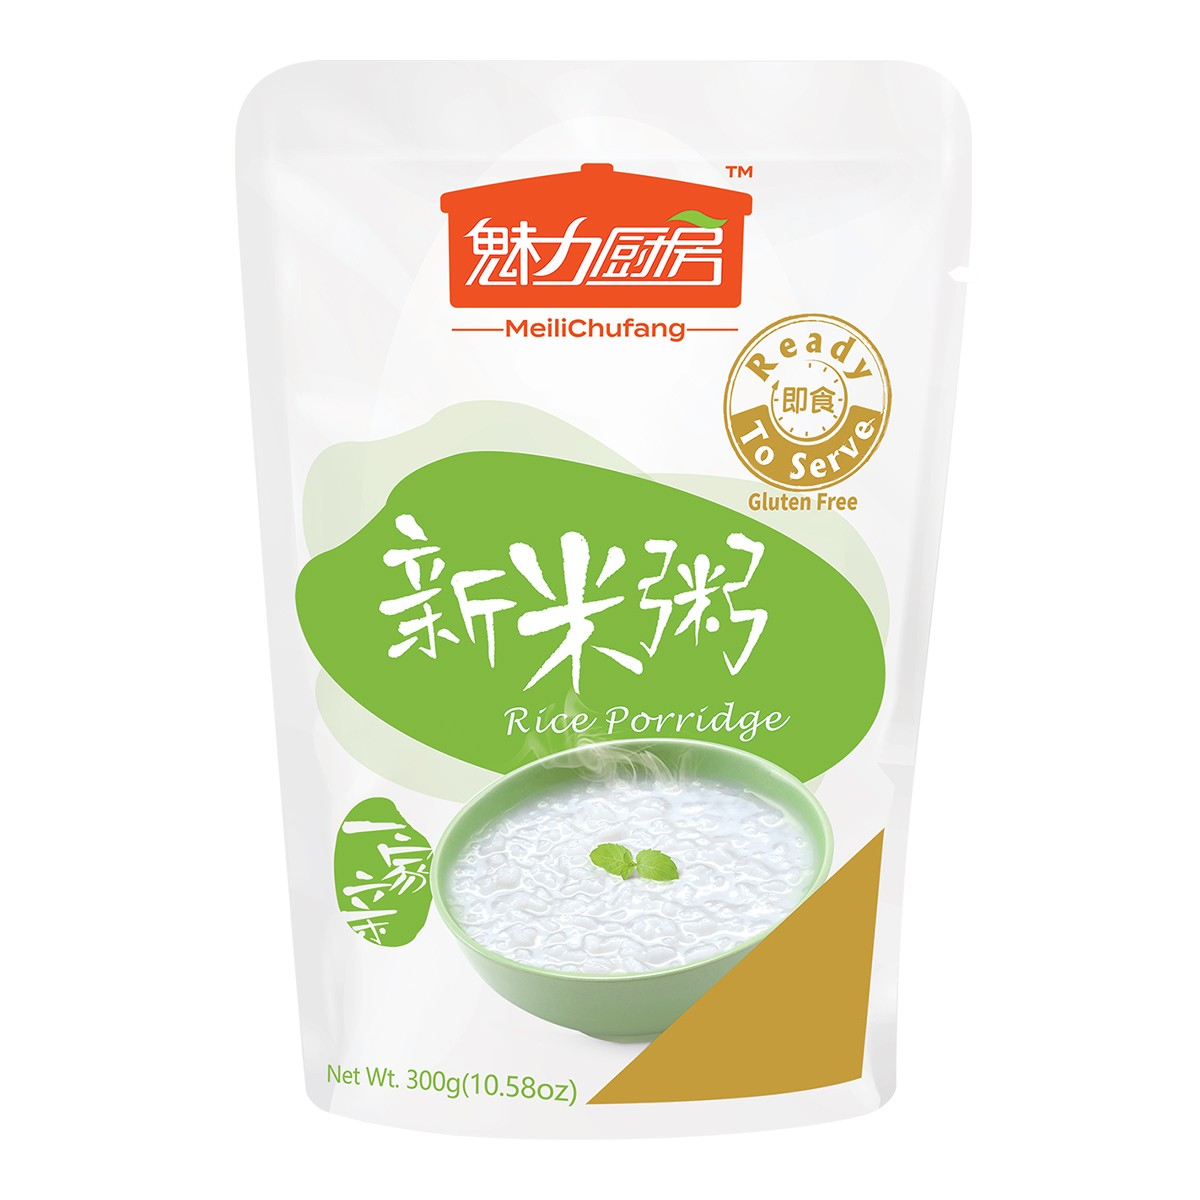 太太乐 魅力厨房 即食新米粥 300g  早餐夜宵食品代餐方便速食轻断食